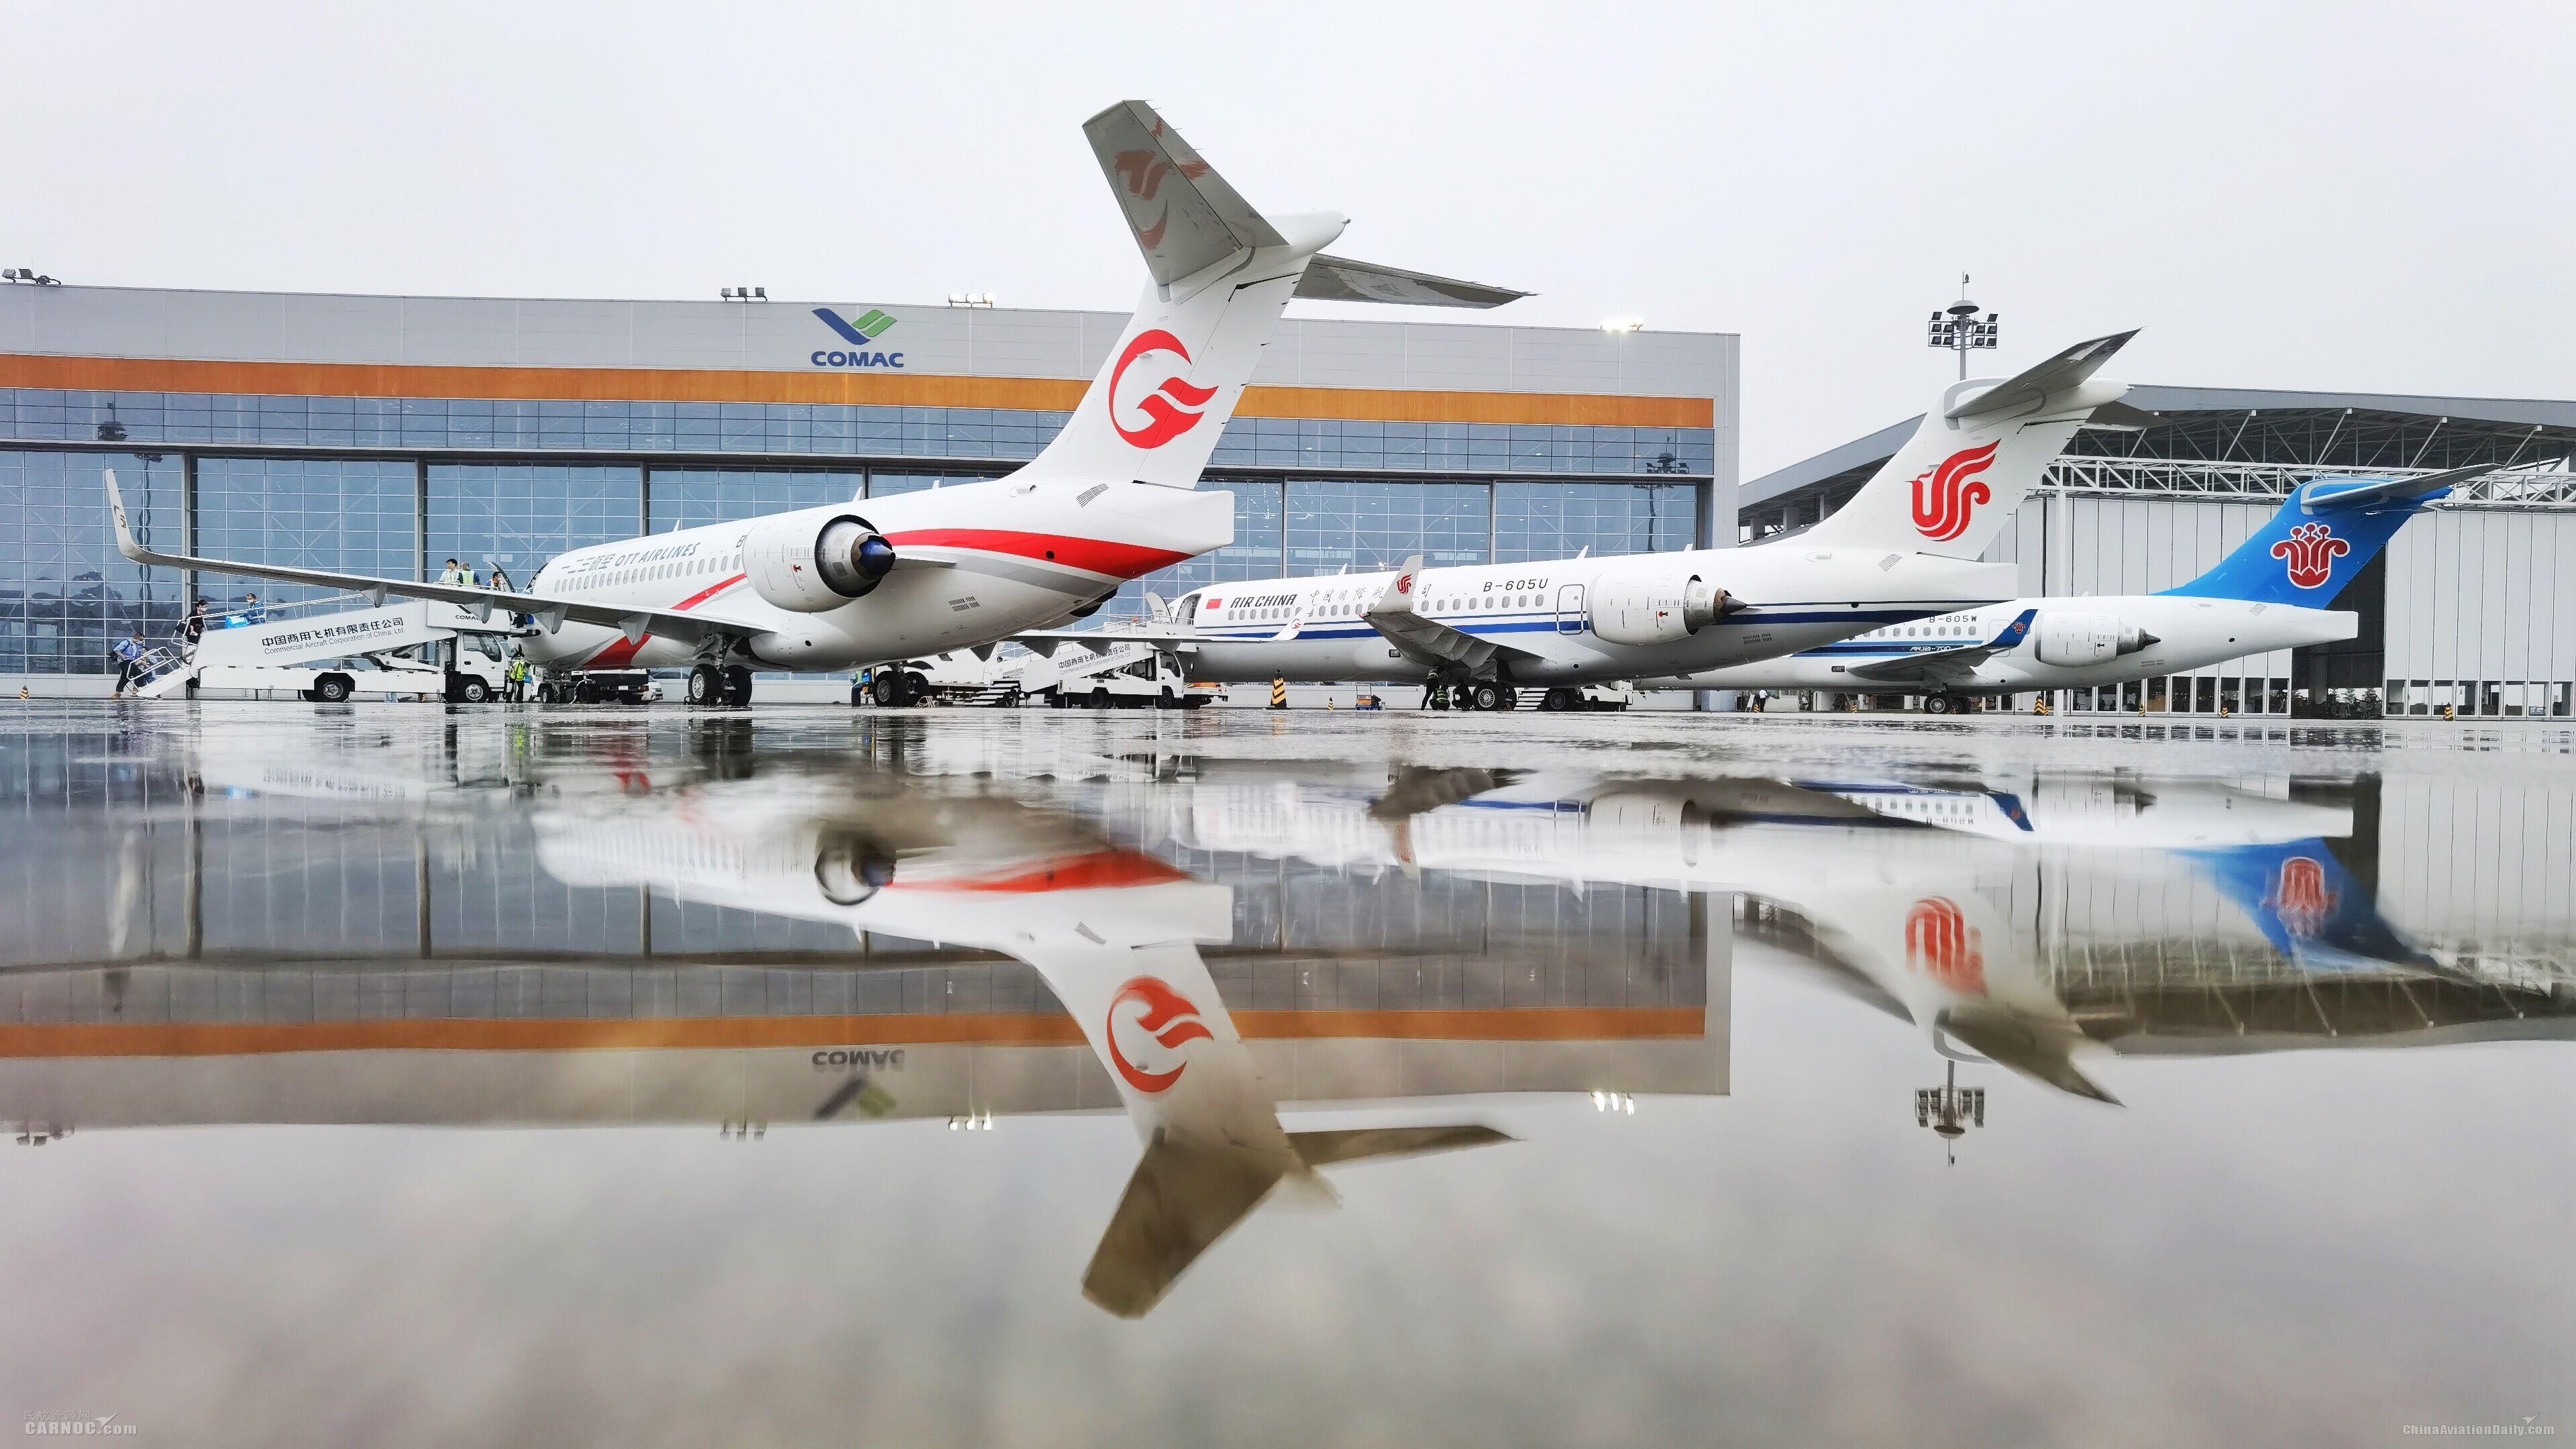 以GE航空集团CF34发动机为动力的ARJ21首次交付中国三大航